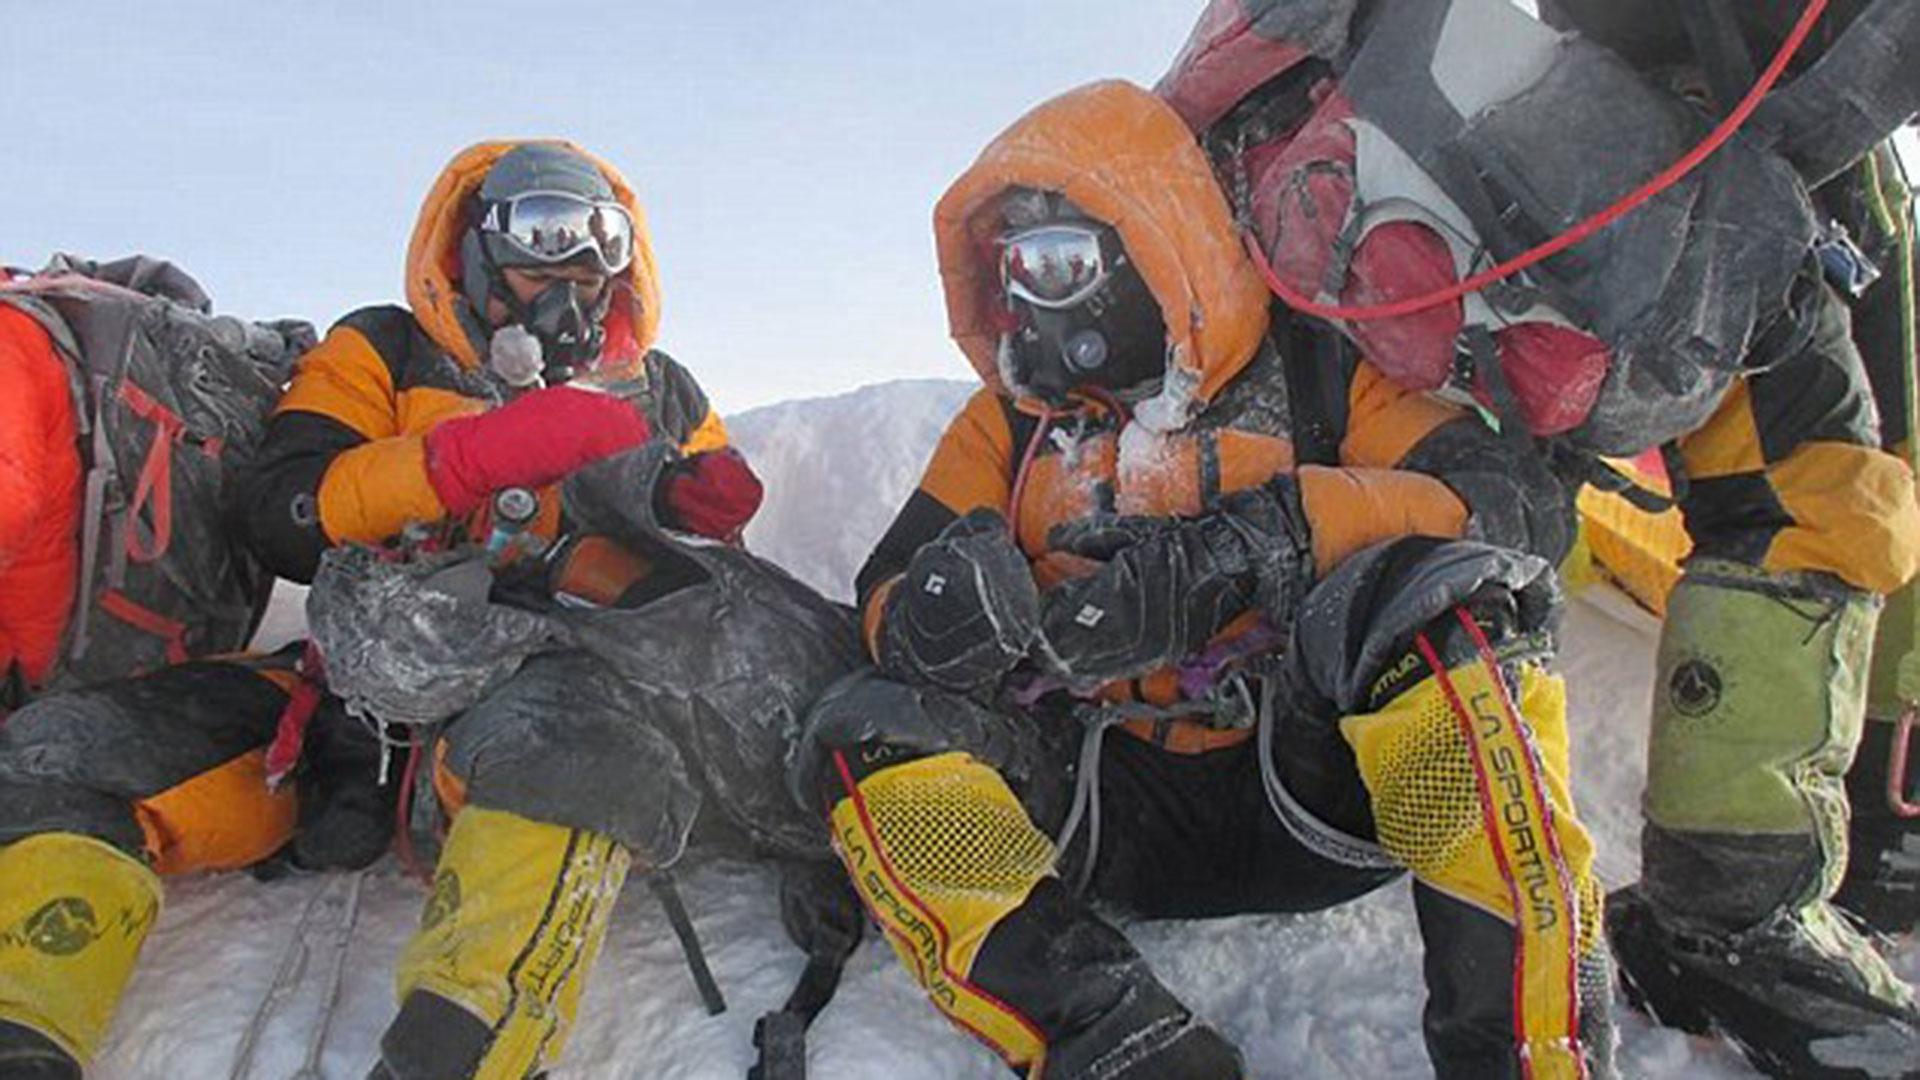 Los Rathod publicaron esta foto en su cuenta de Facebook. Sin embargo, pertenecía a Satyarup Siddhanta, otro escalador que había hecho cumbre en el Everest tiempo atrás